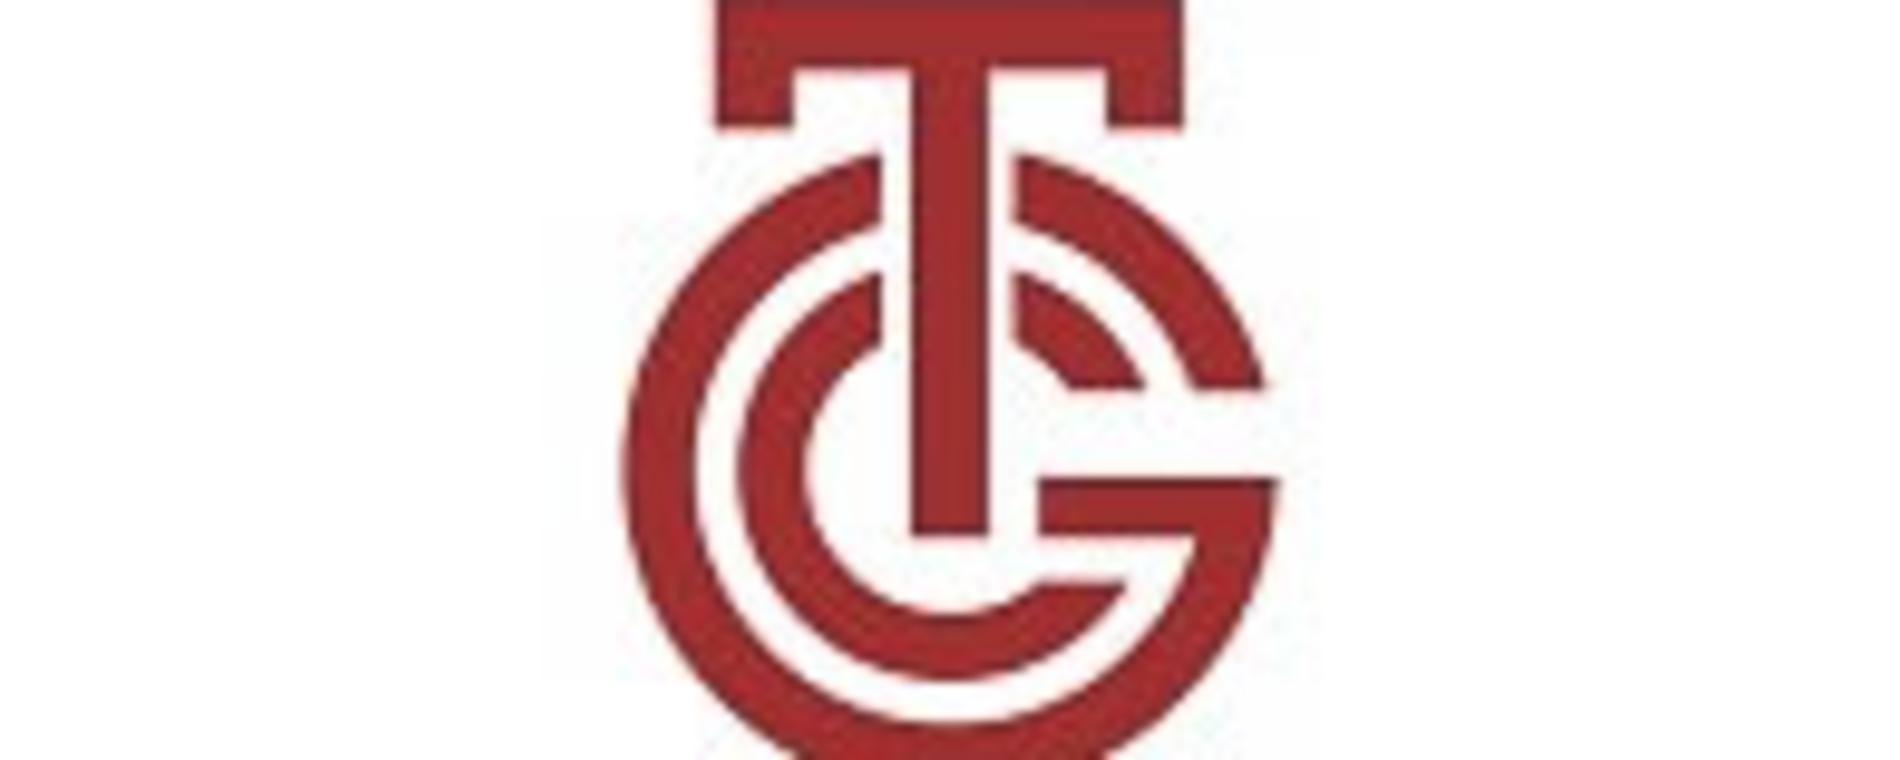 TGC Logo Visit Wichita